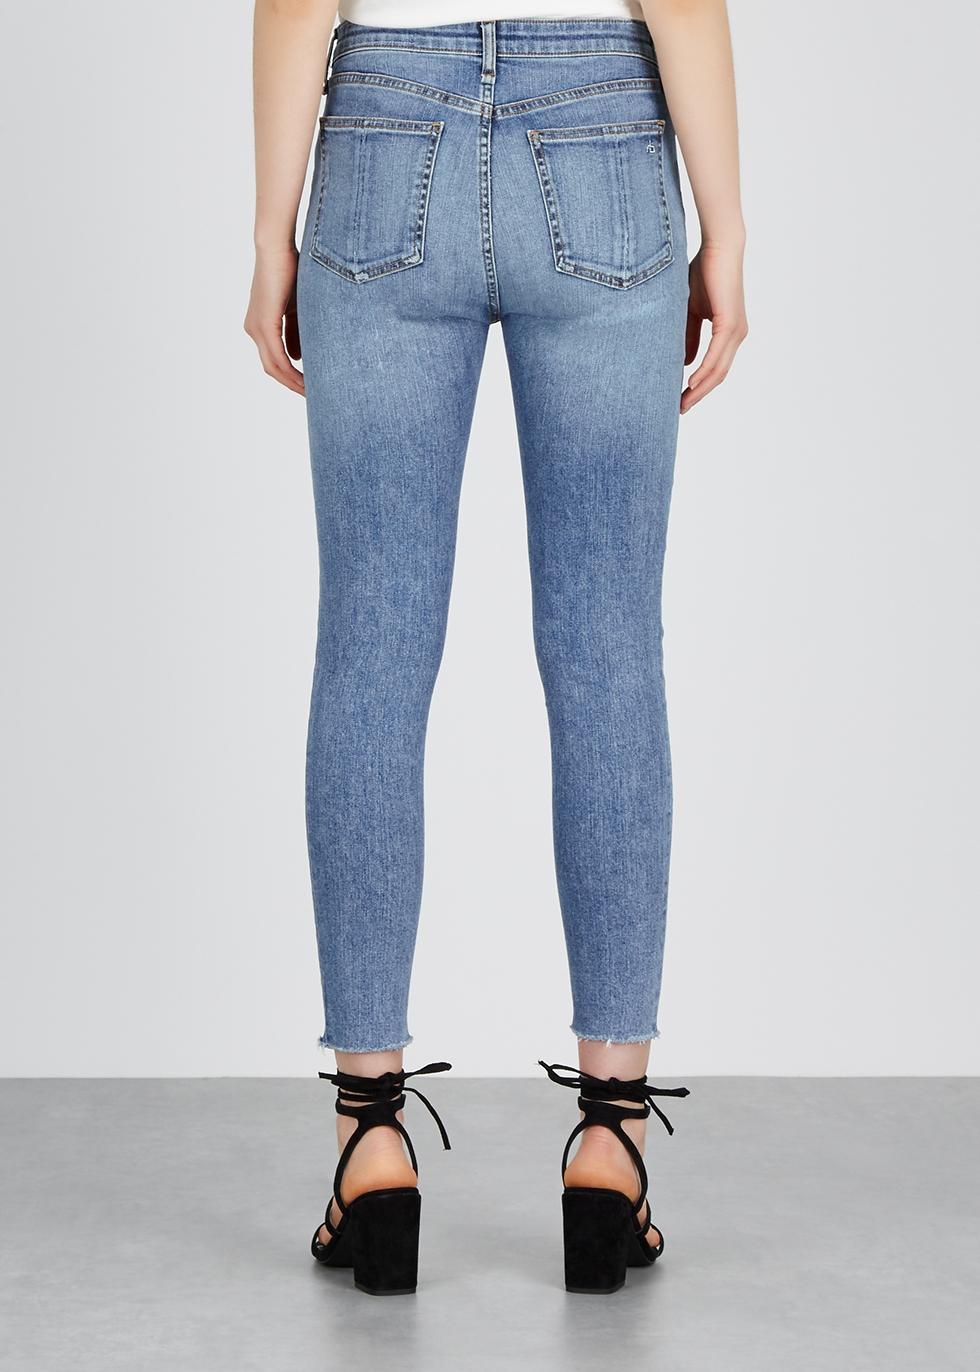 Nina blue skinny jeans - rag & bone /JEAN